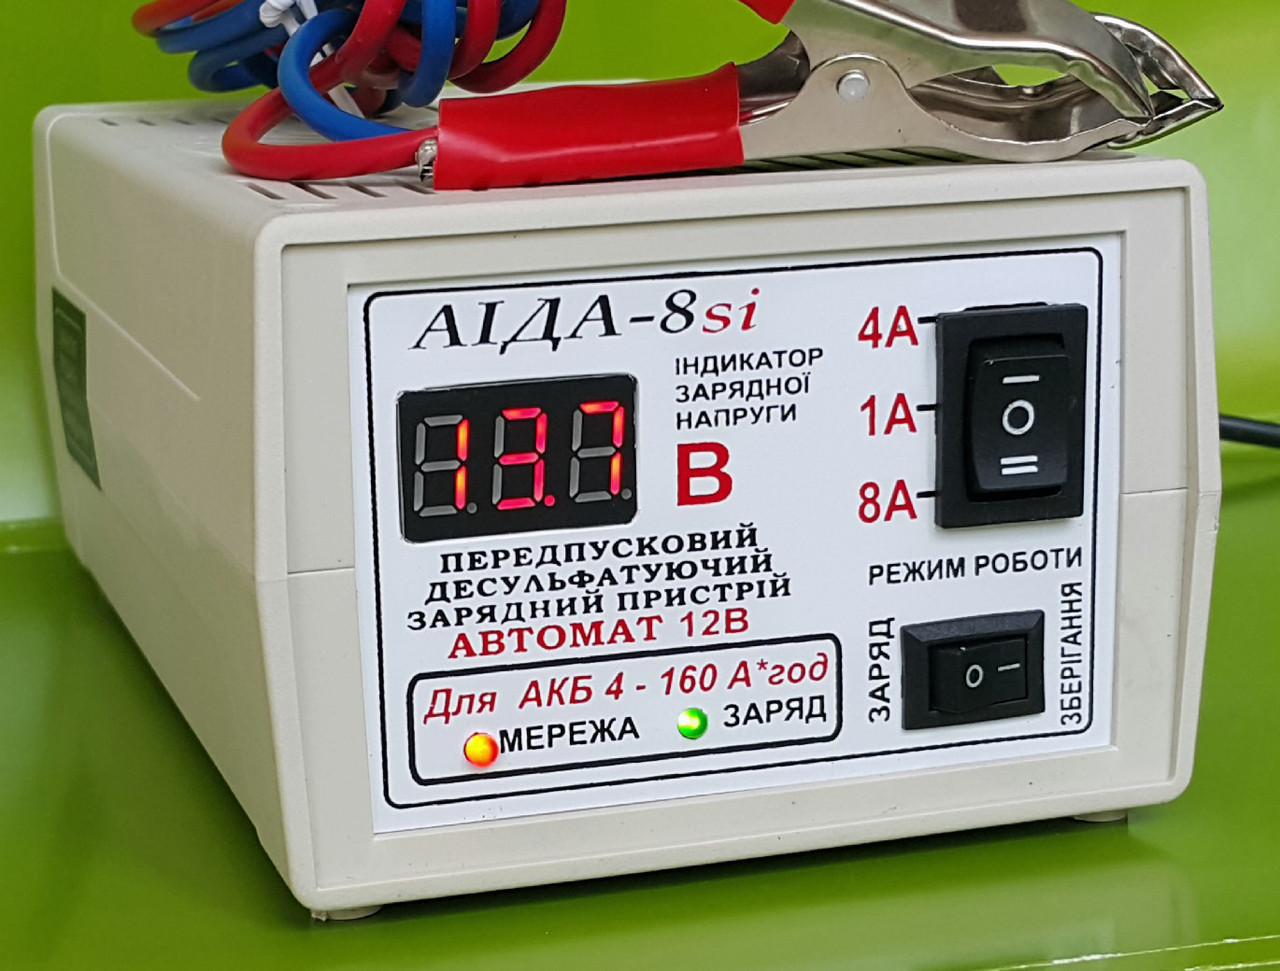 Аїда 8si: зарядний пристрій для кислотних і гелевих АКБ 4-160 Ач